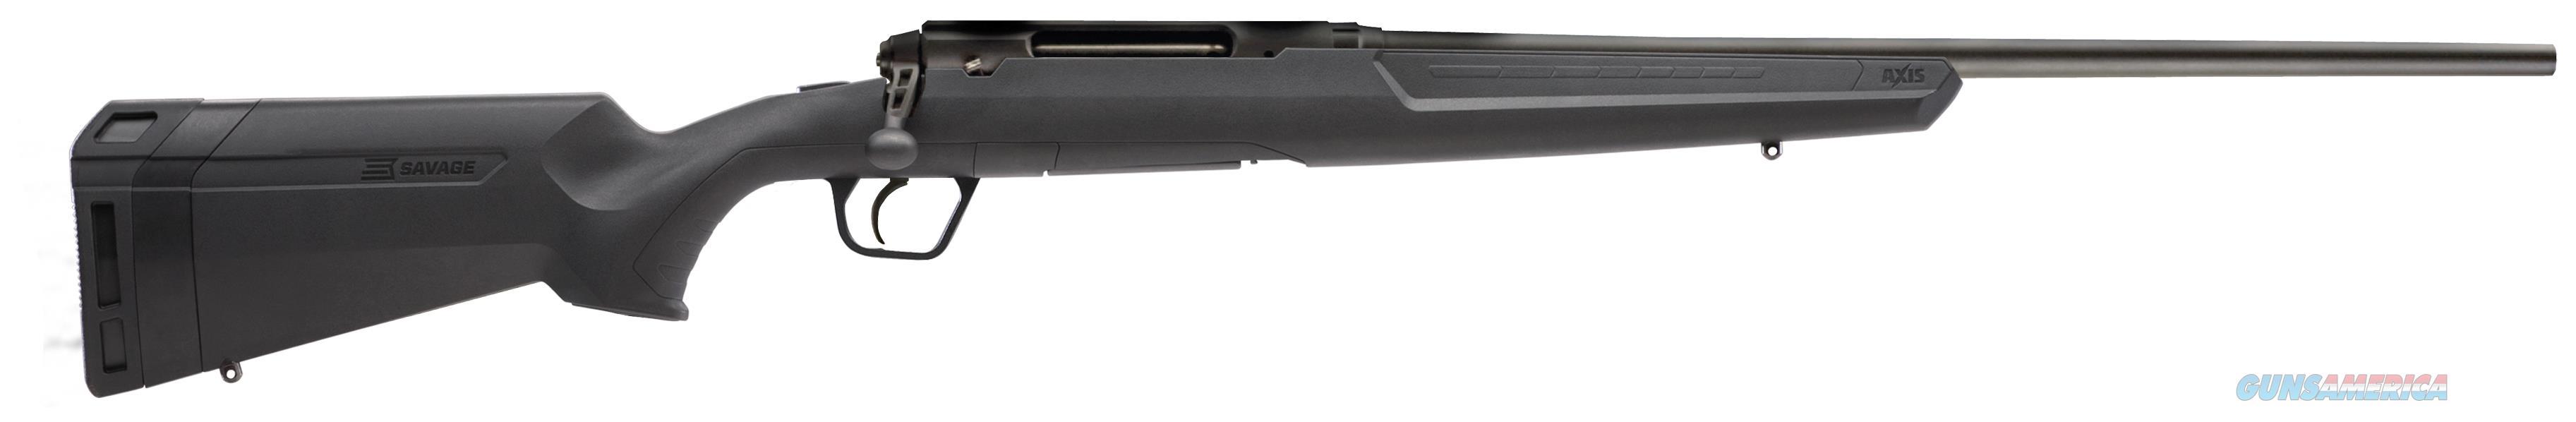 """Axis G2 308Win Bl/Syn 22"""" 57238  Guns > Rifles > S Misc Rifles"""